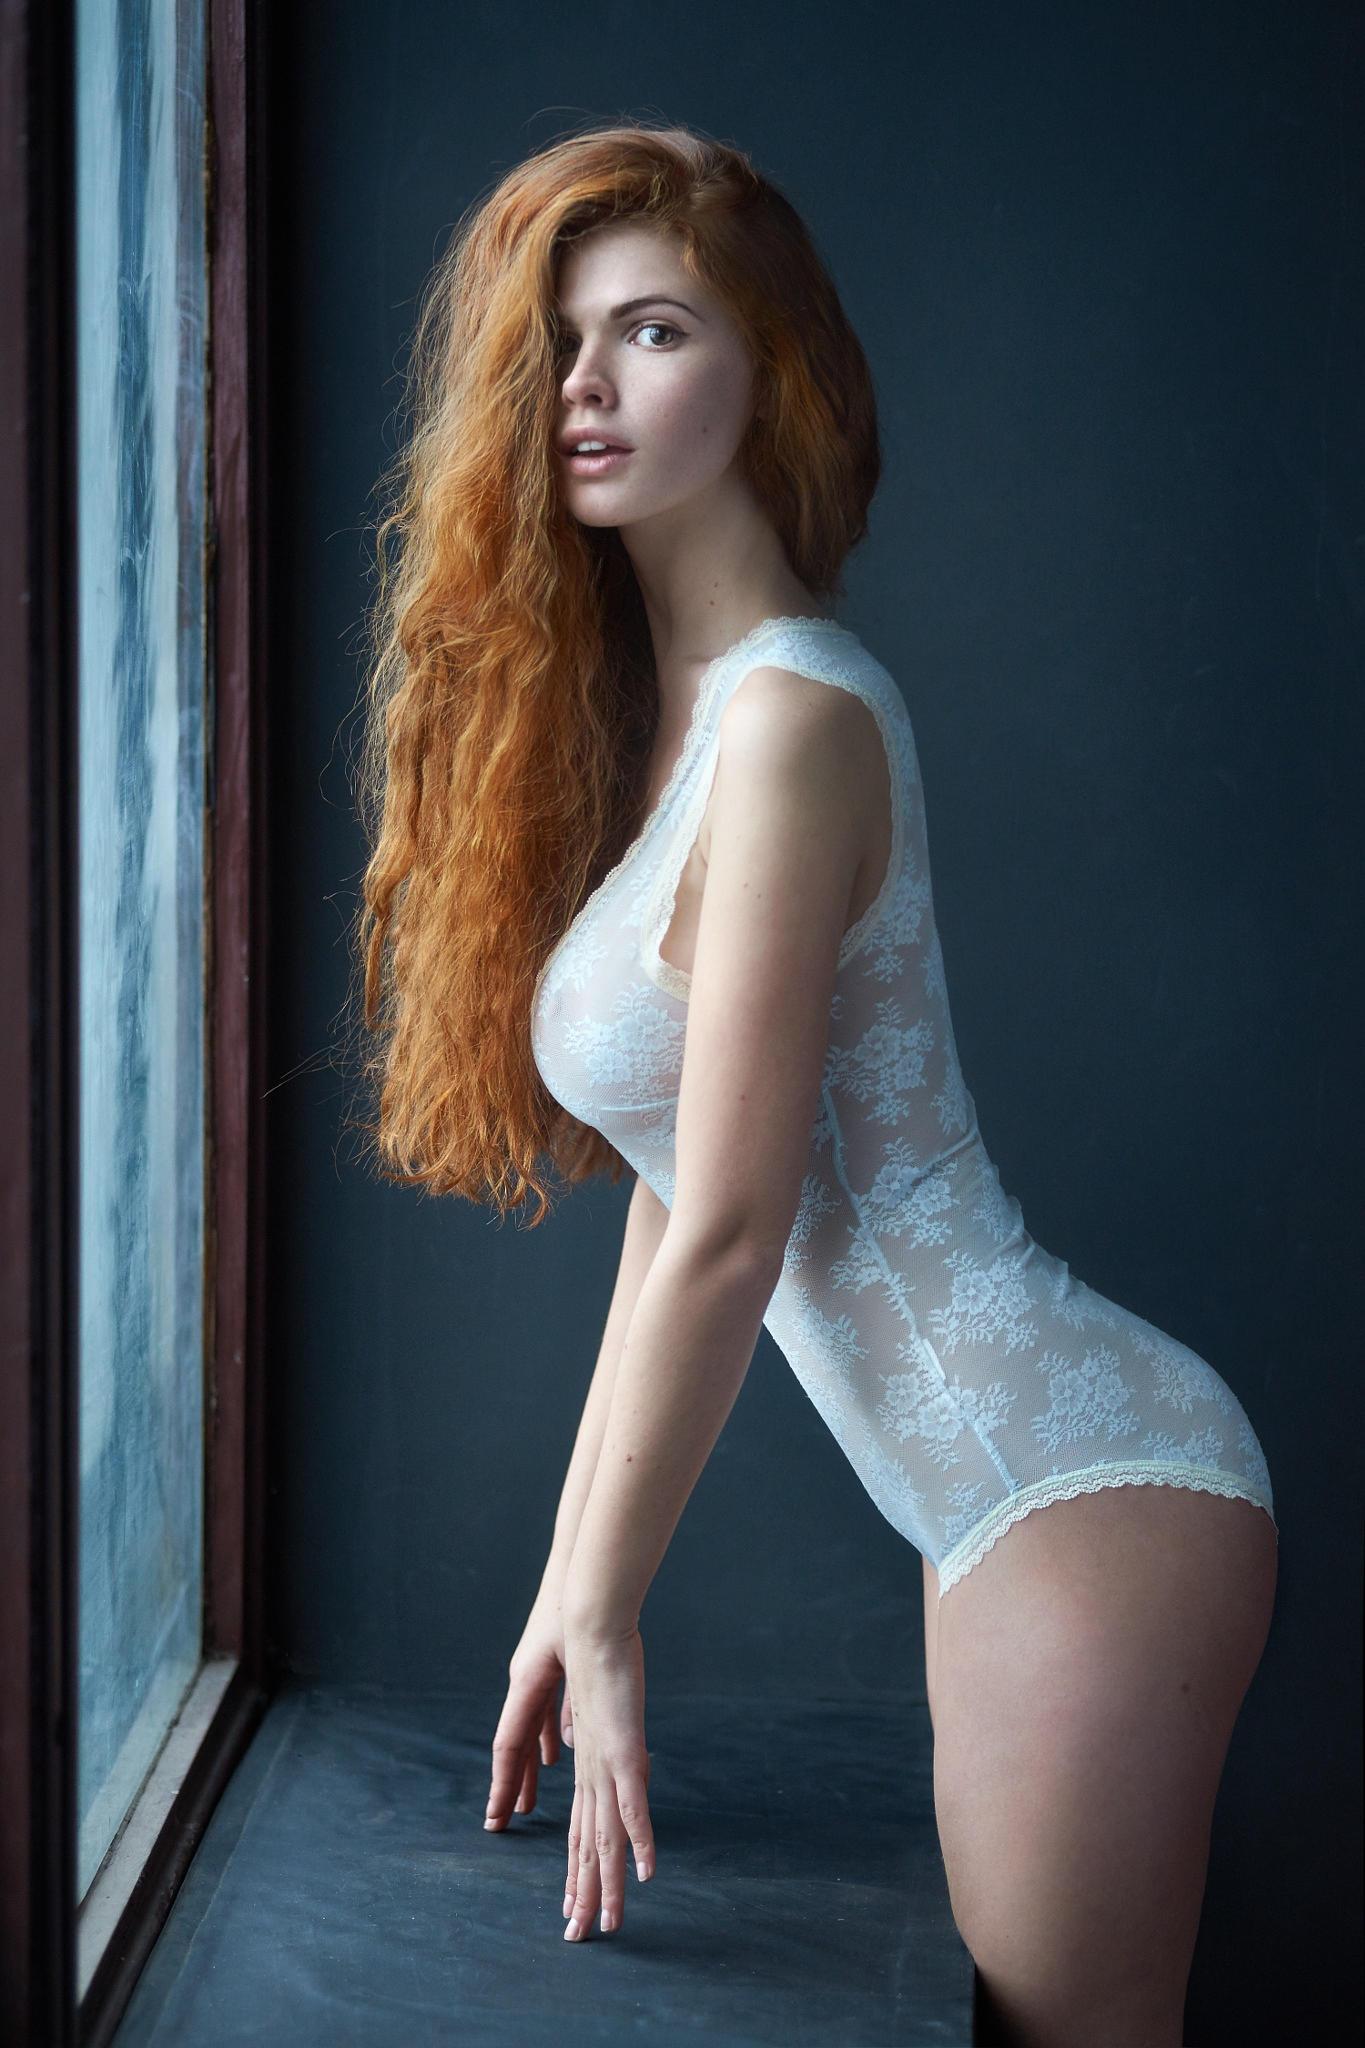 Рыжая девушка с красивым телом 25 фотография